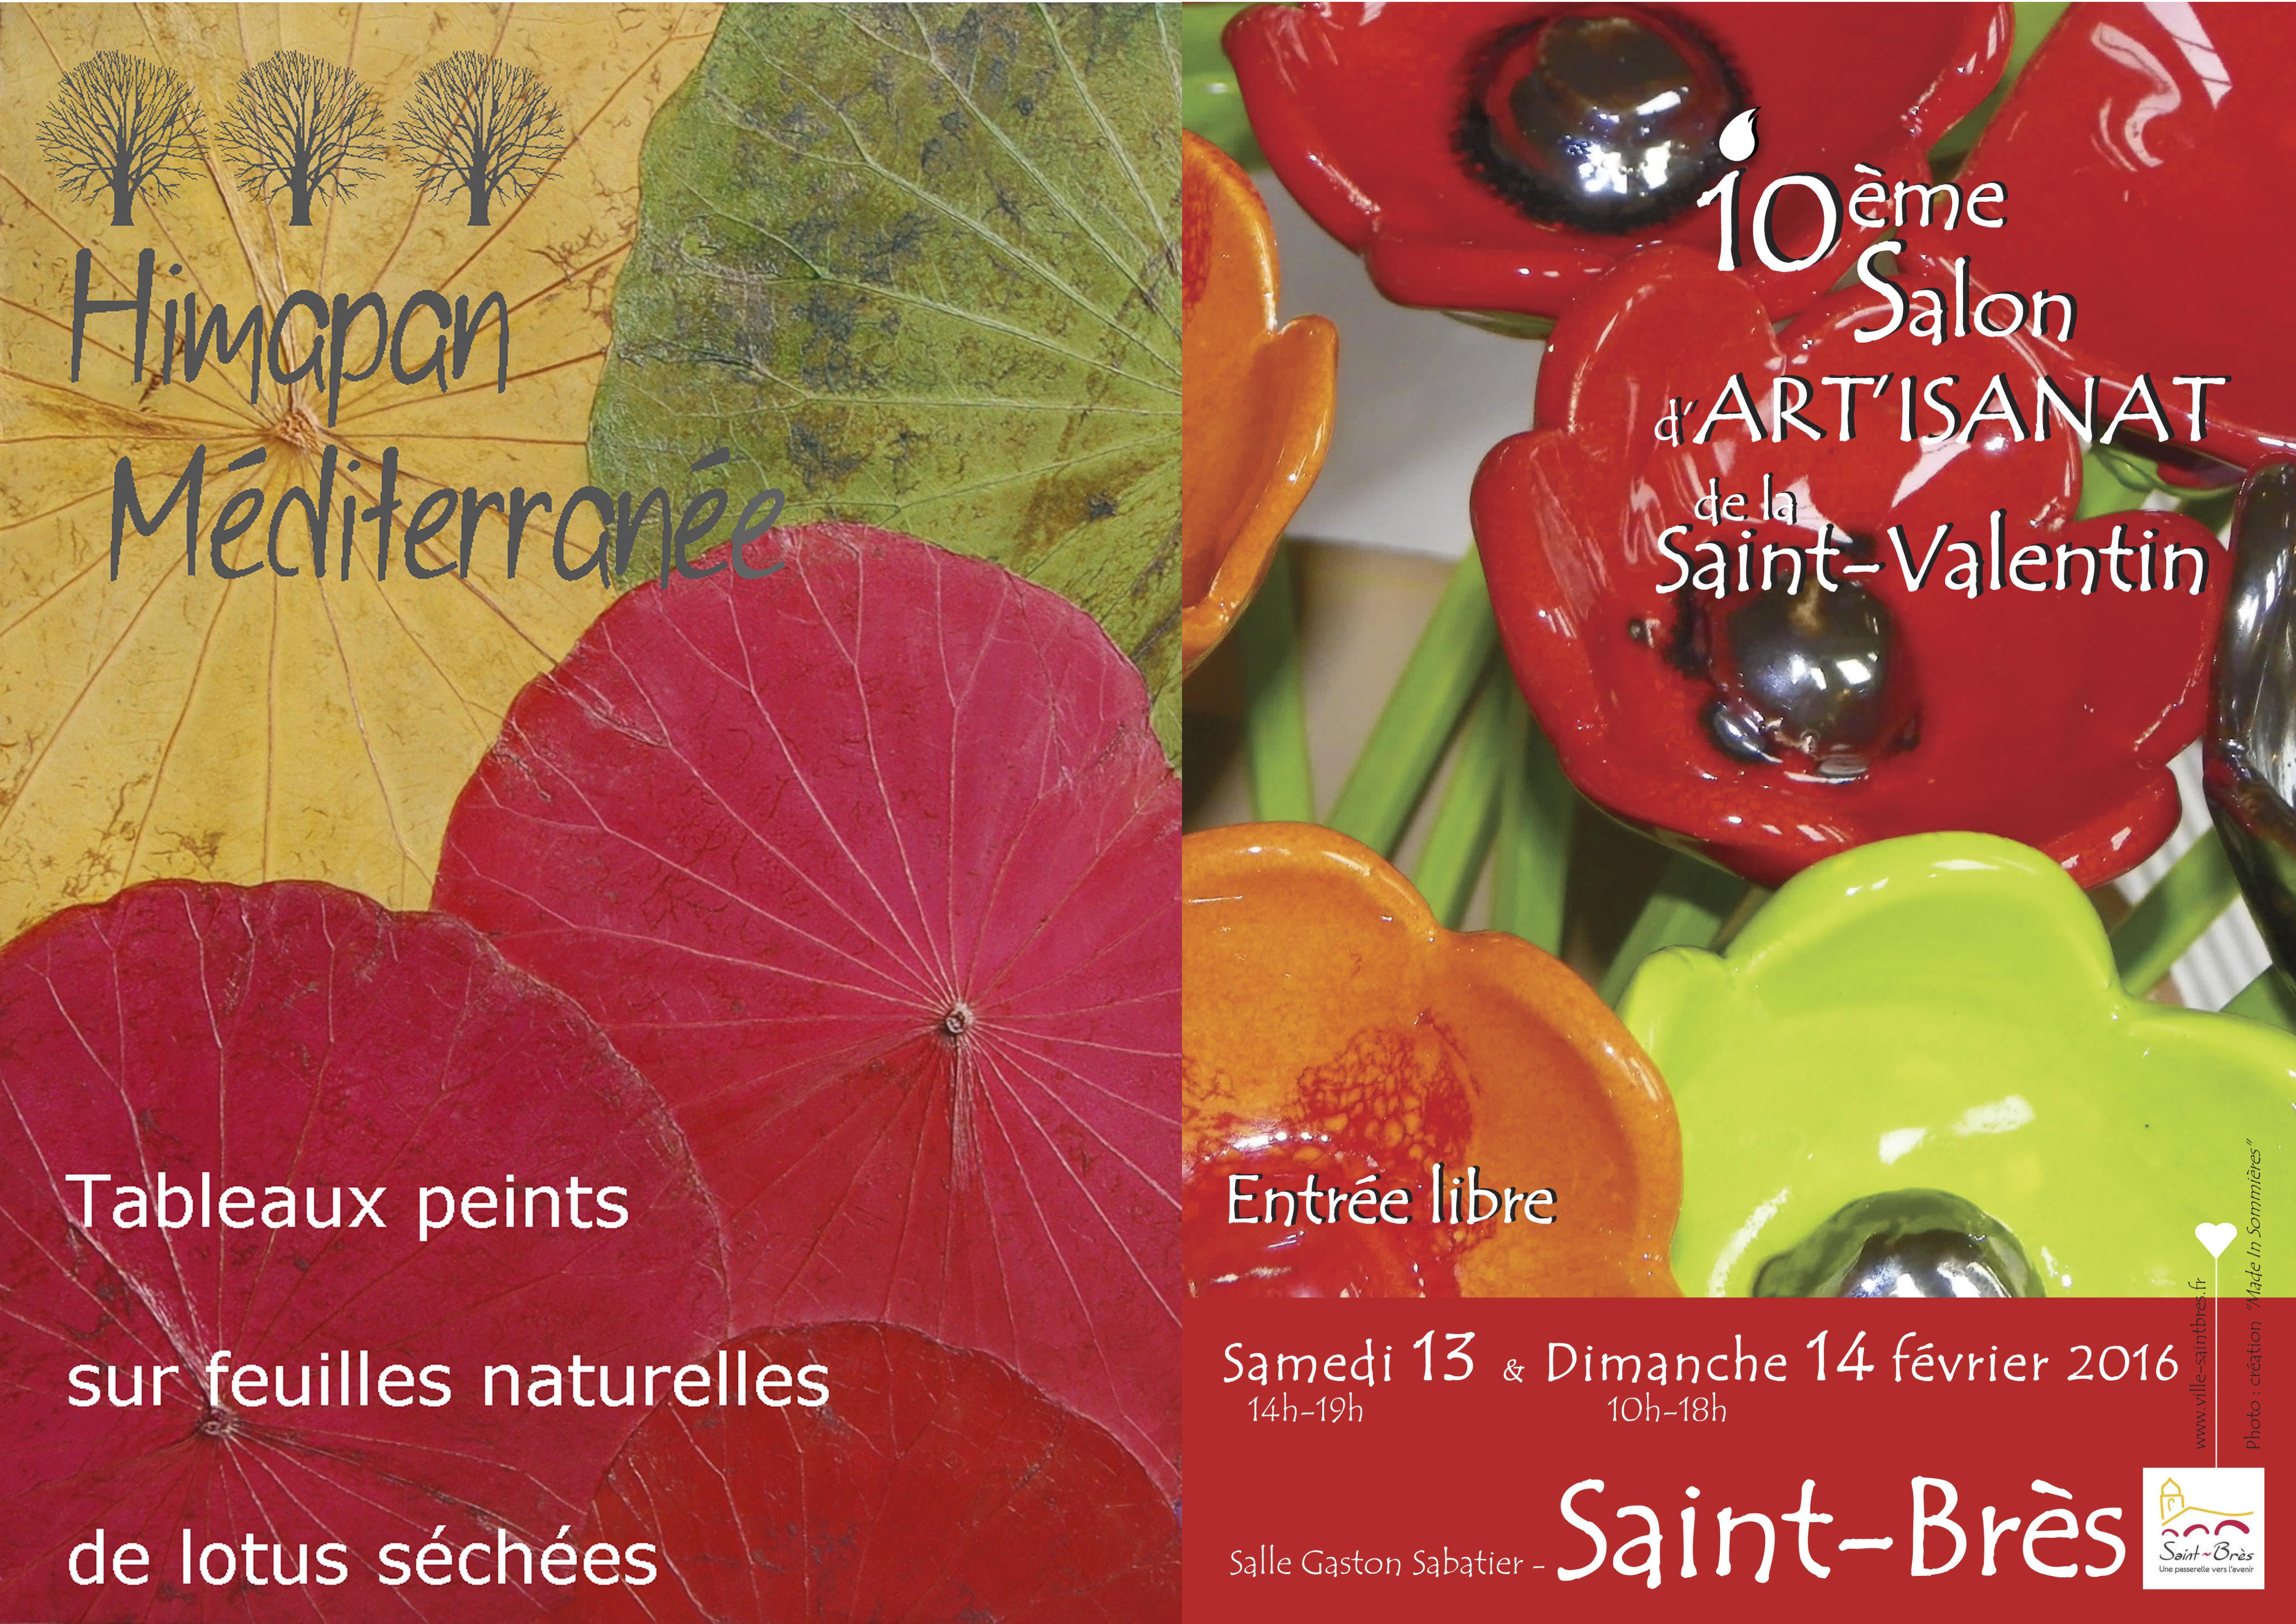 Himapan Méditerranée au Salon d'artisanat de la saint-valentin – St Brès – 13/14 février 2016